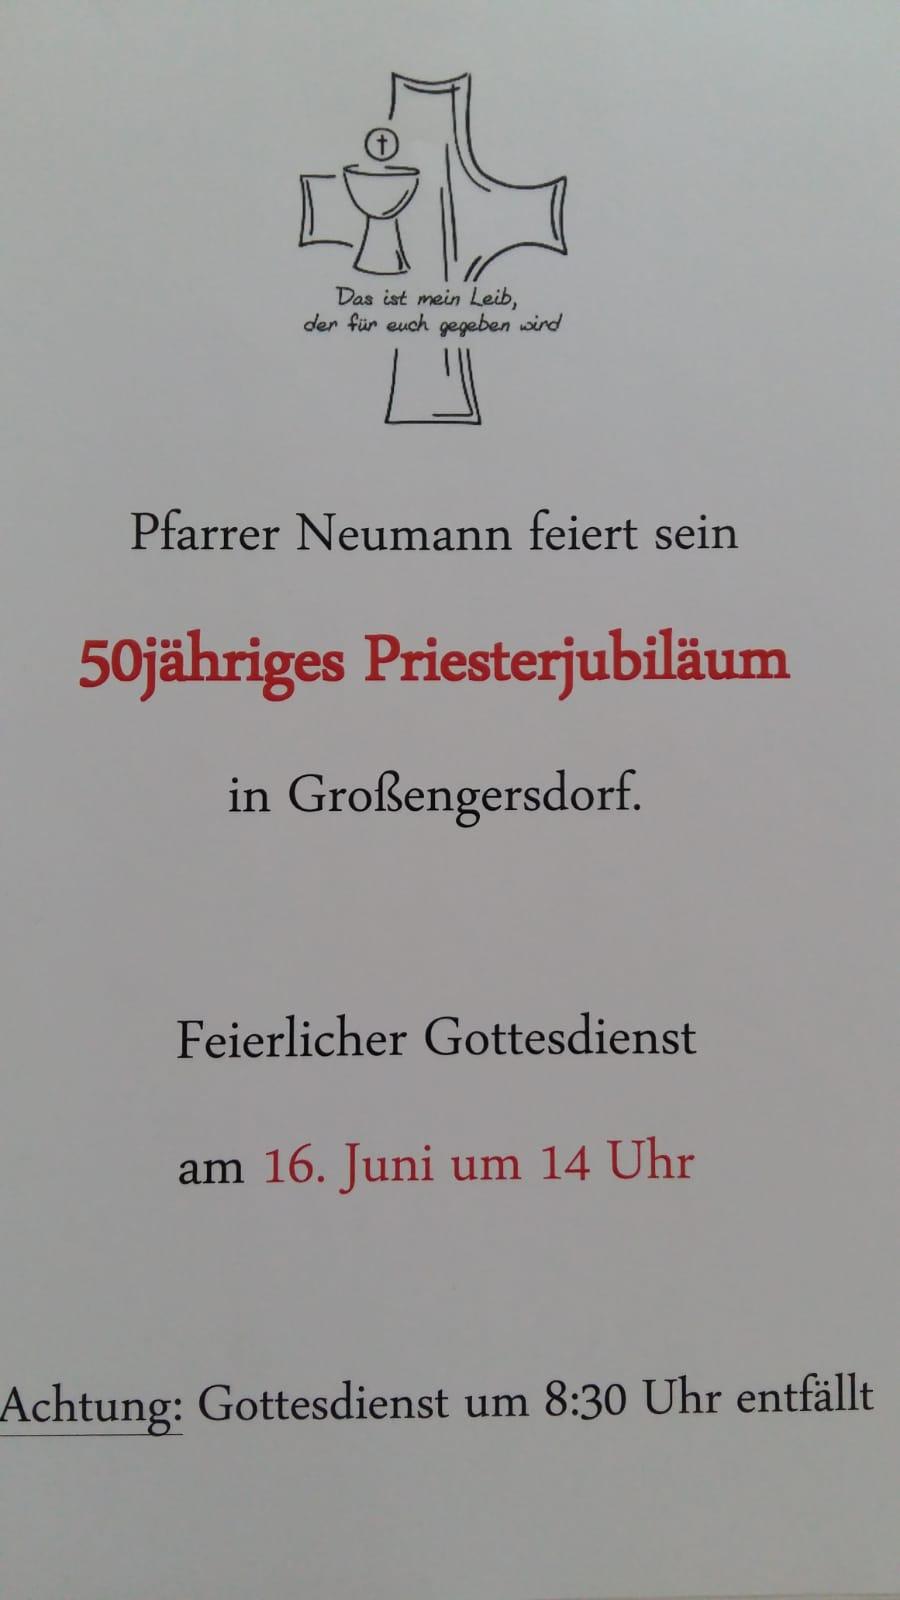 Festgottesdienst zum 50-jährigen Priesterjubiläum von Pfarrer Neumann